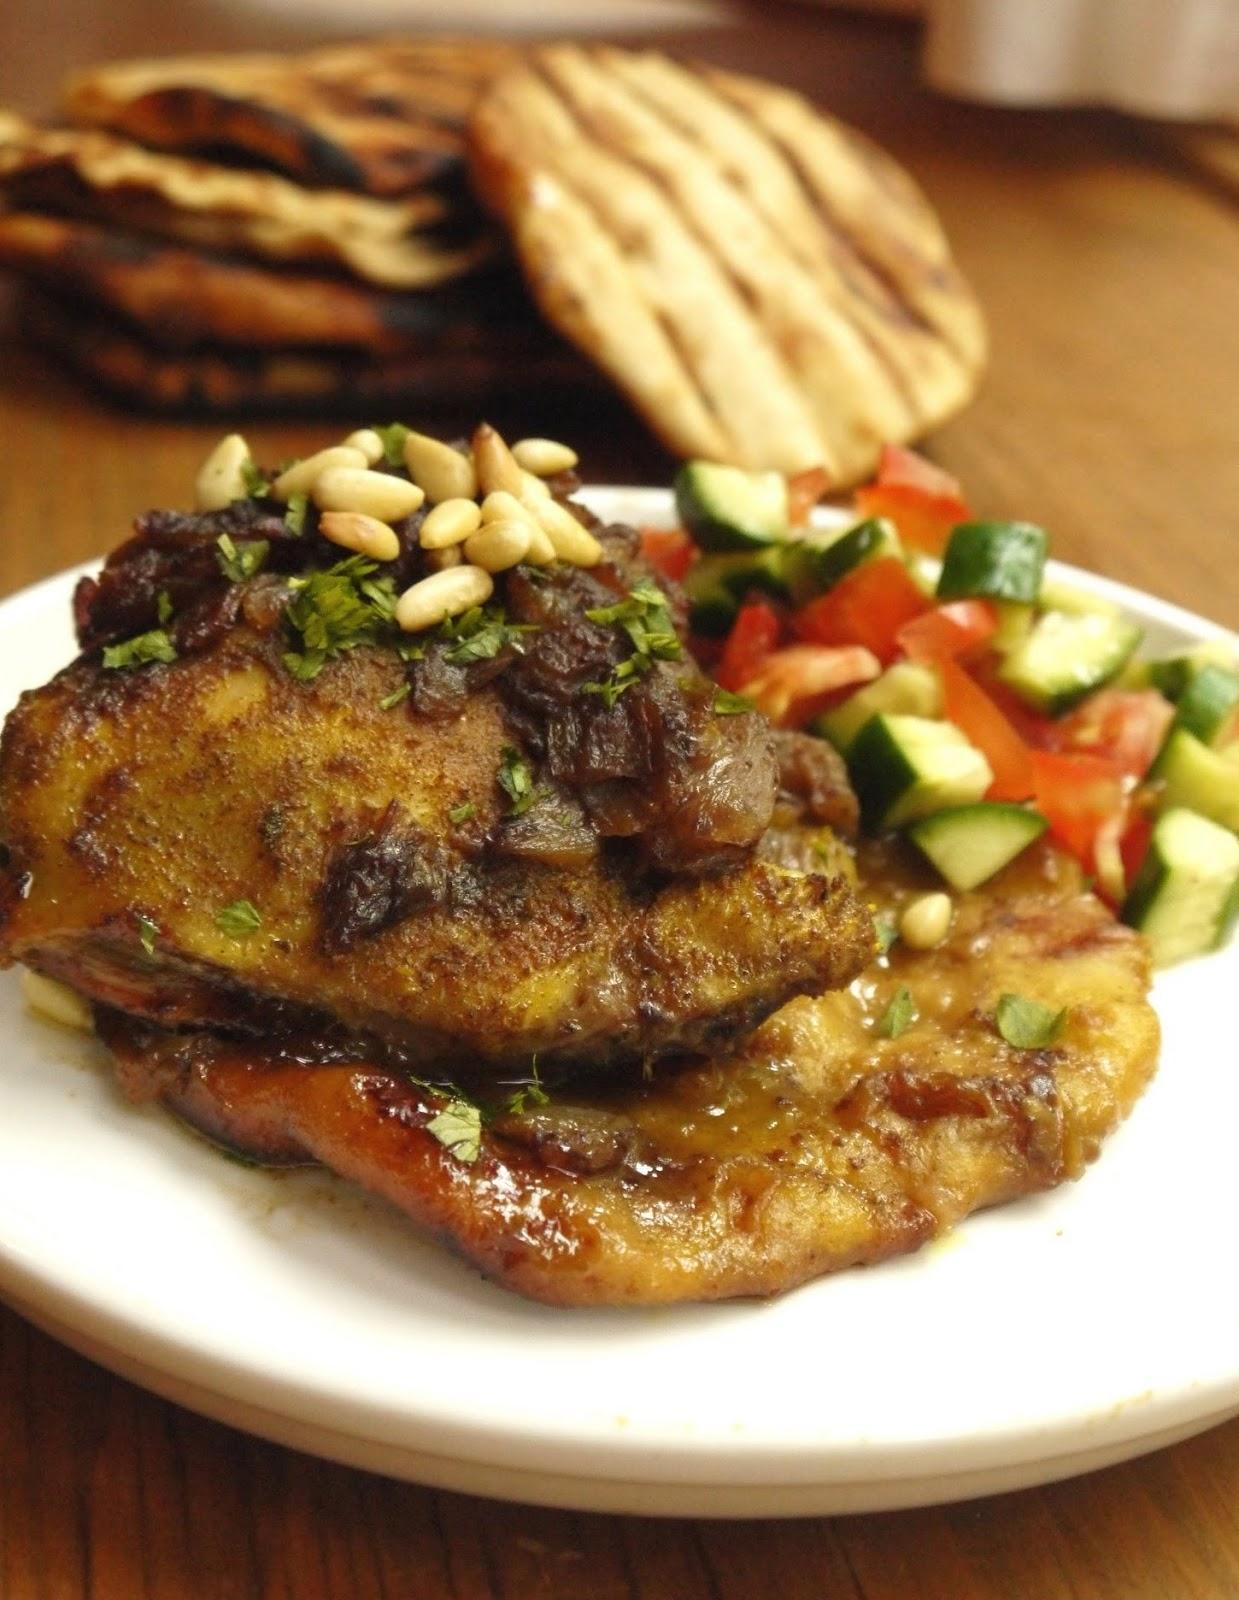 Wendy's Spicy Chicken Caesar Salad Full Size